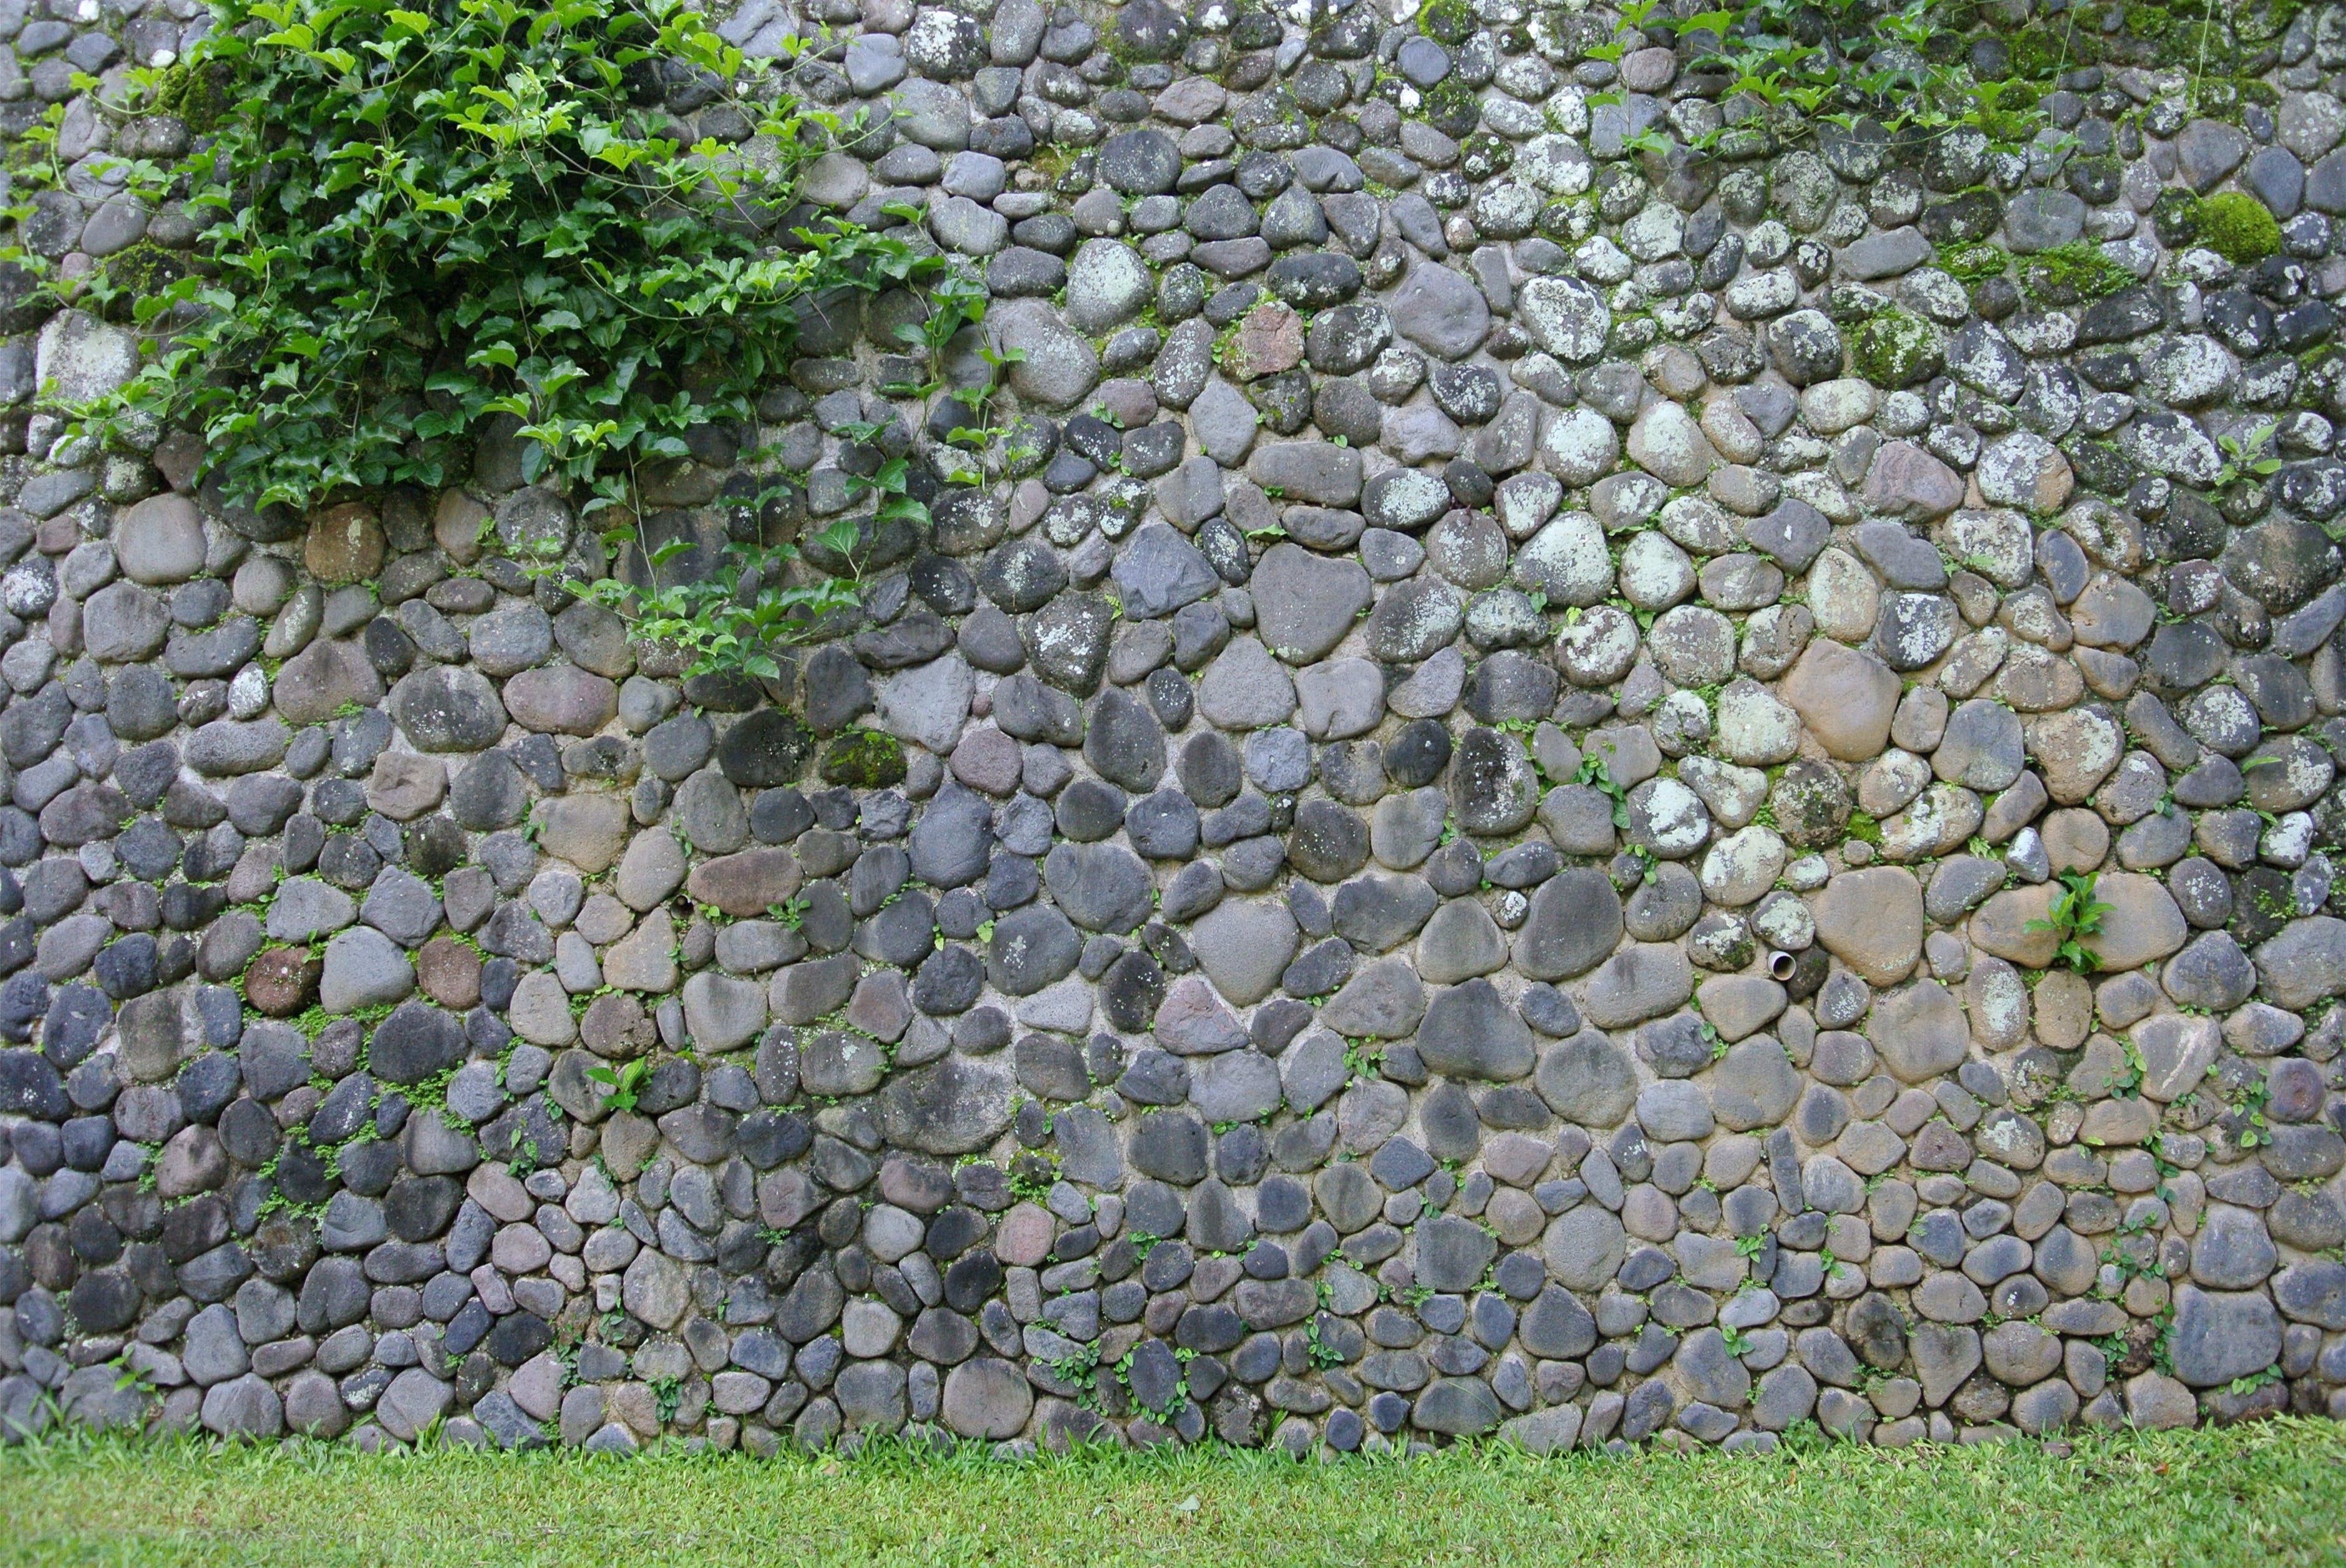 岩壁, 巴厘島, 巴厘島的, 生苔的 的 免費圖庫相片